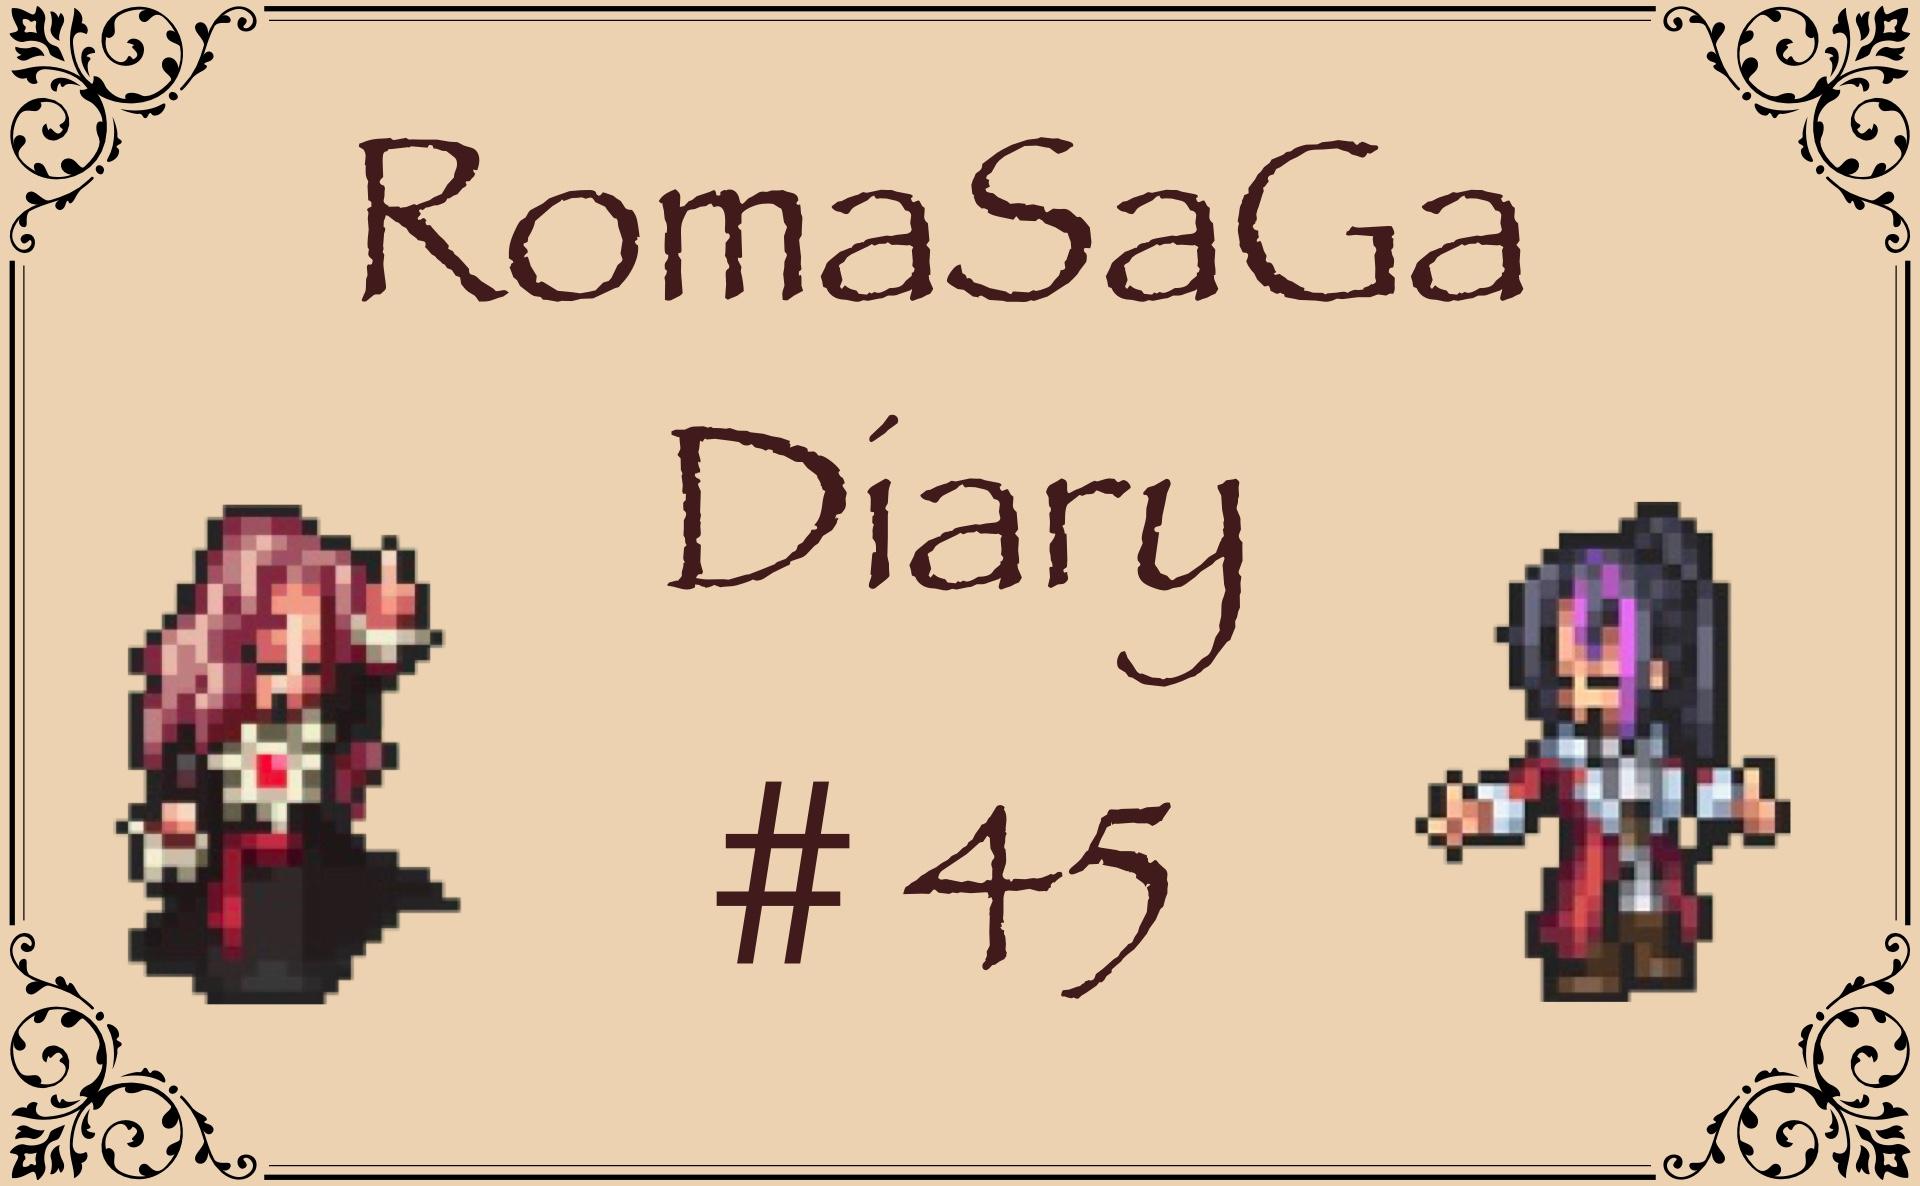 ロマサガDiary#45